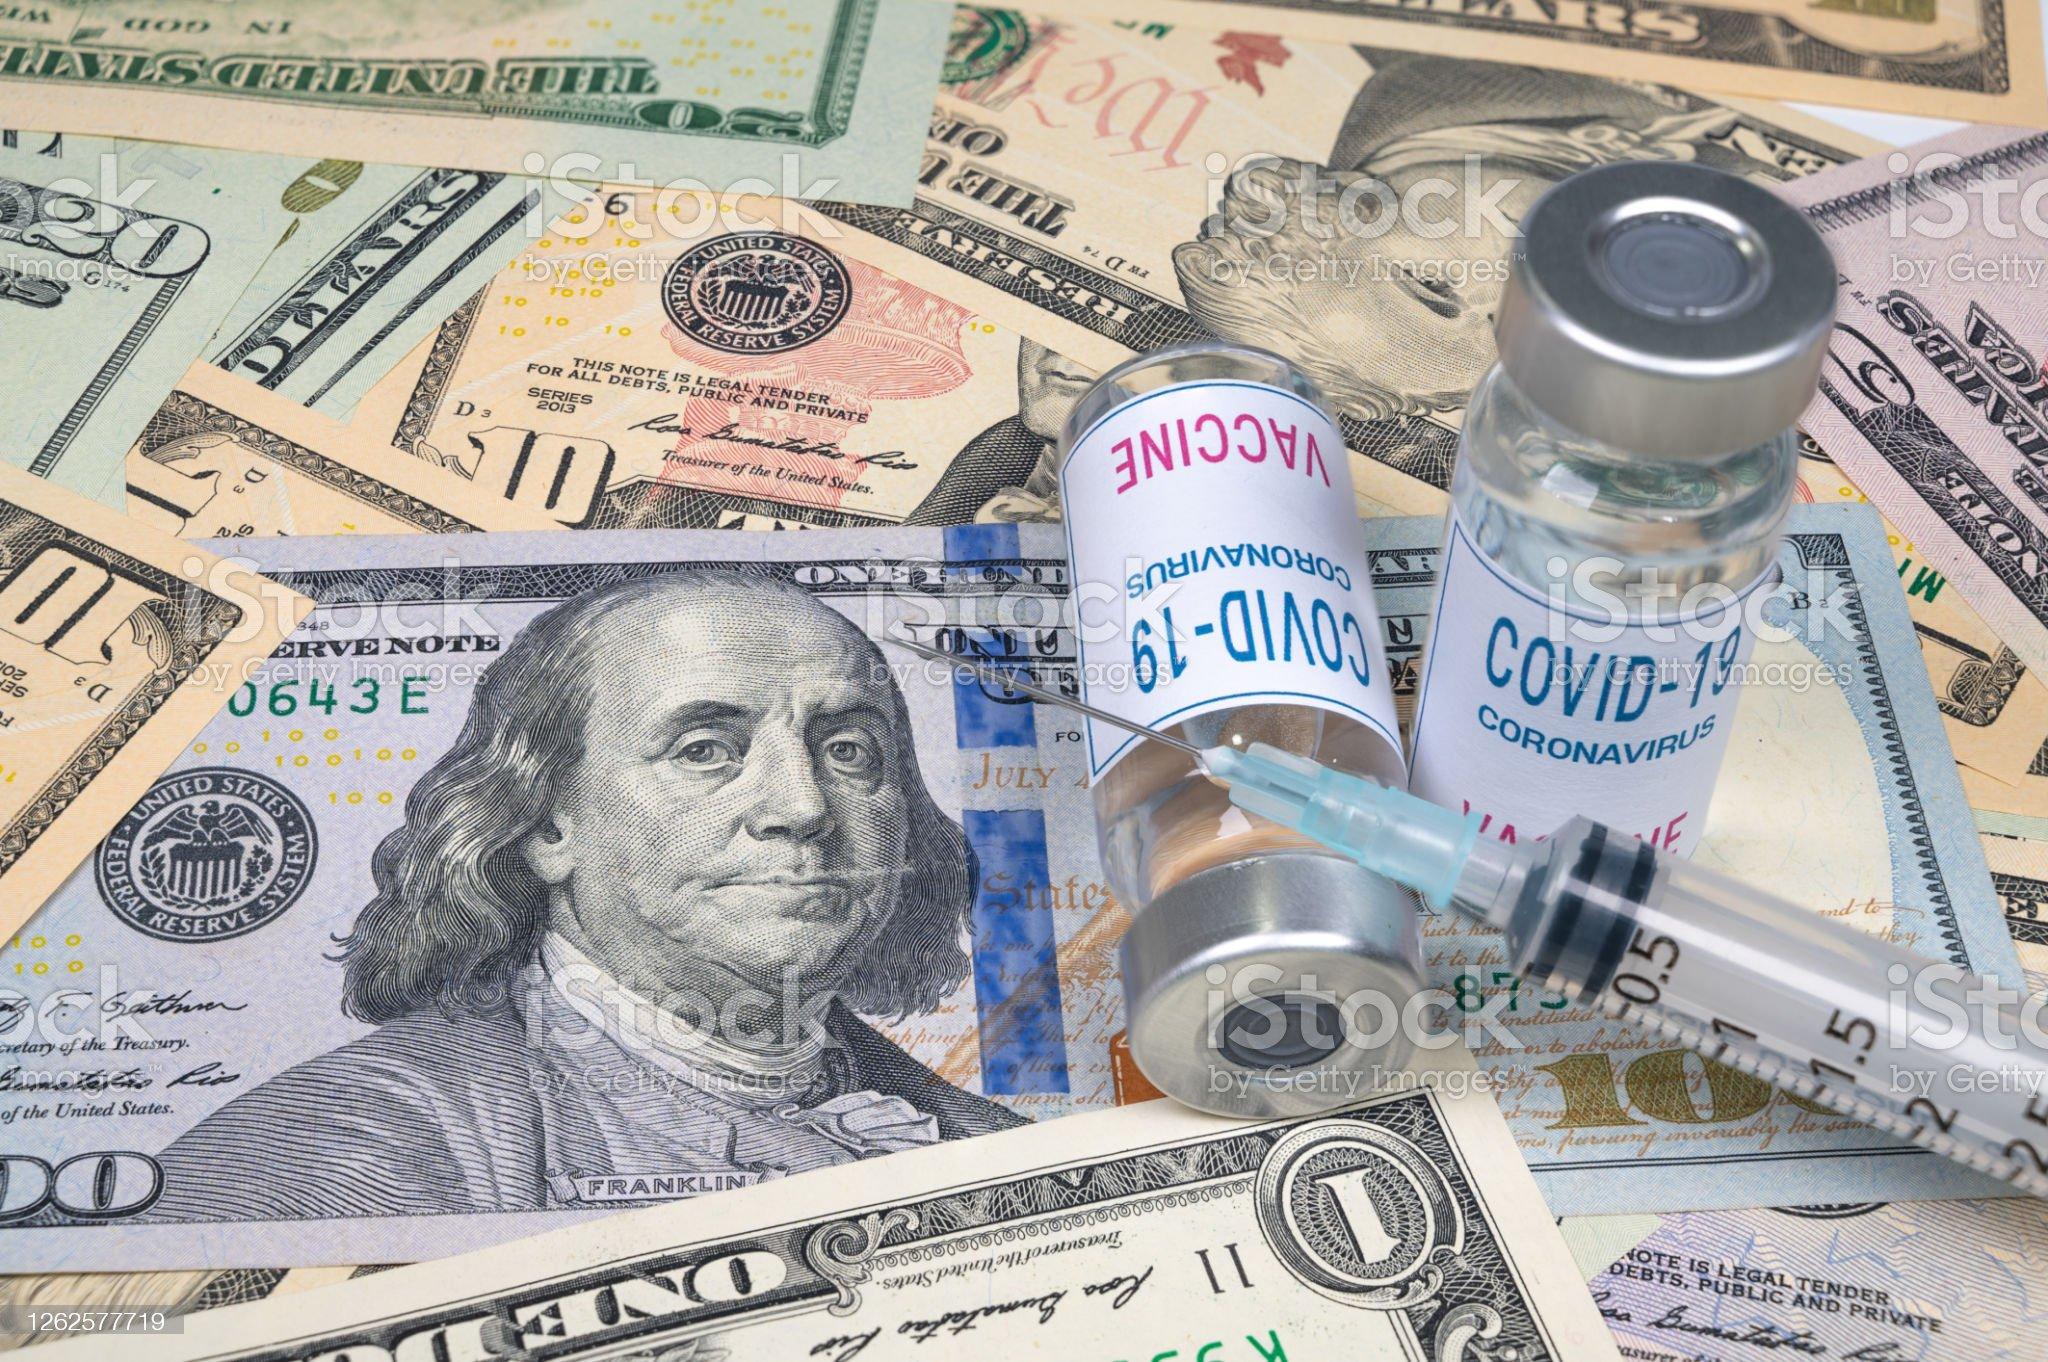 注射器と居心地の良い-19ワクチンアンプルは、米ドルの上に横たわっている。 - ワクチン接種のロイヤリティフリーストックフォト